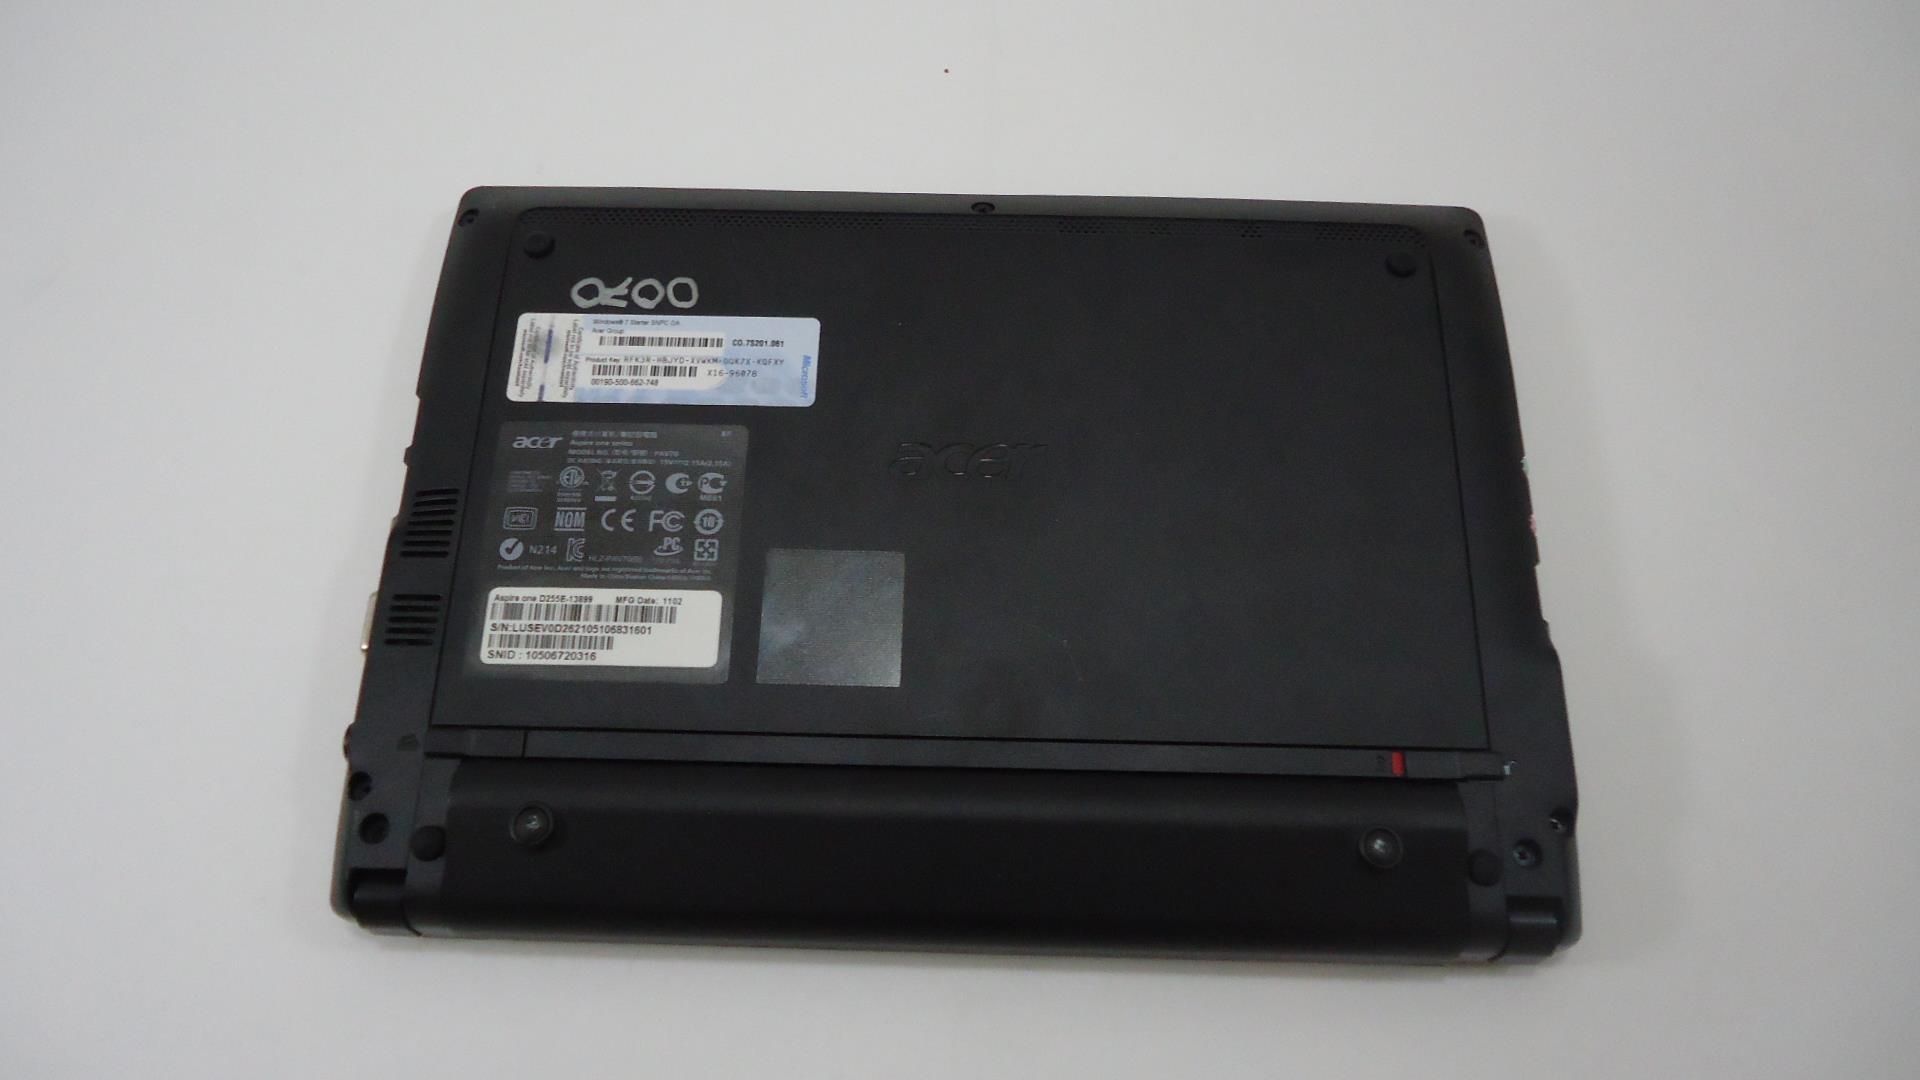 2gb DI MEMORIA RAM PER ACER ASPIRE ONE d255 Atom n550 ddr3-10600